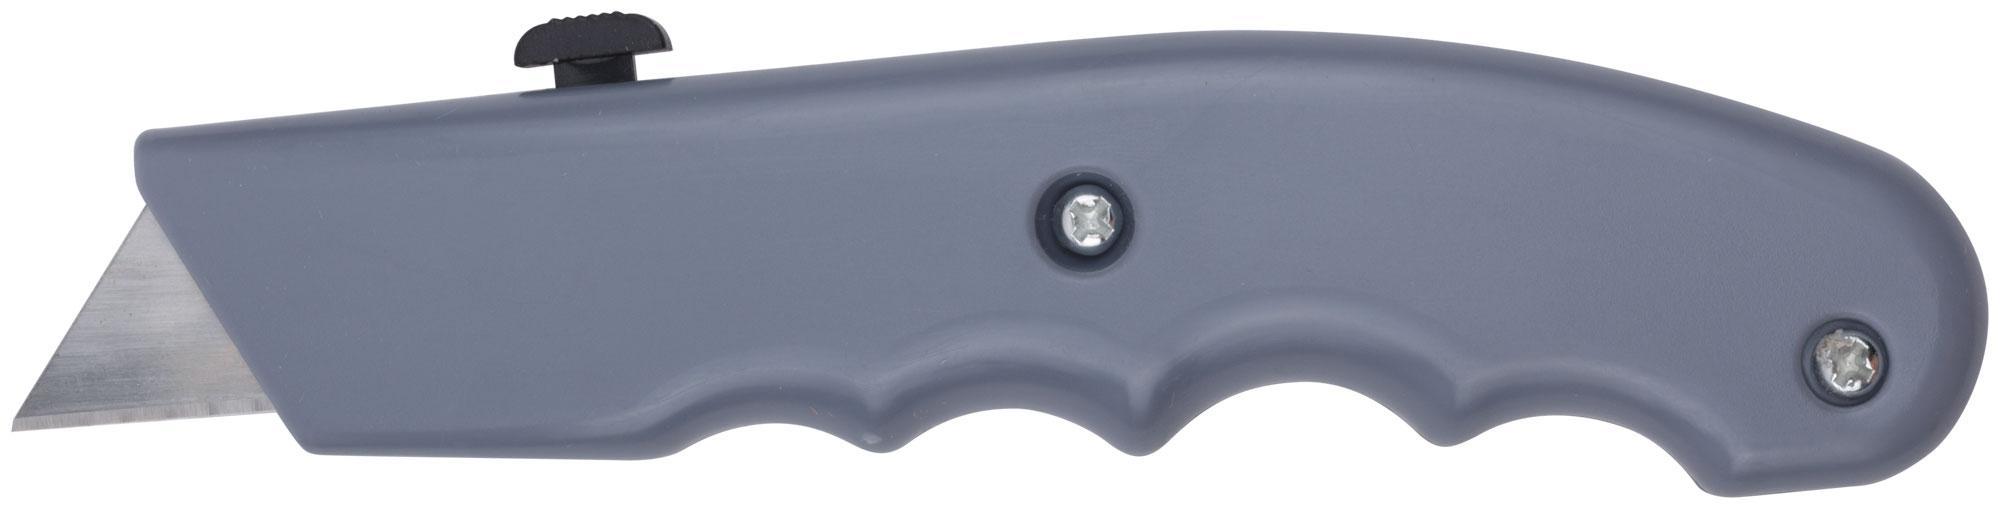 Нож КУРС 10335